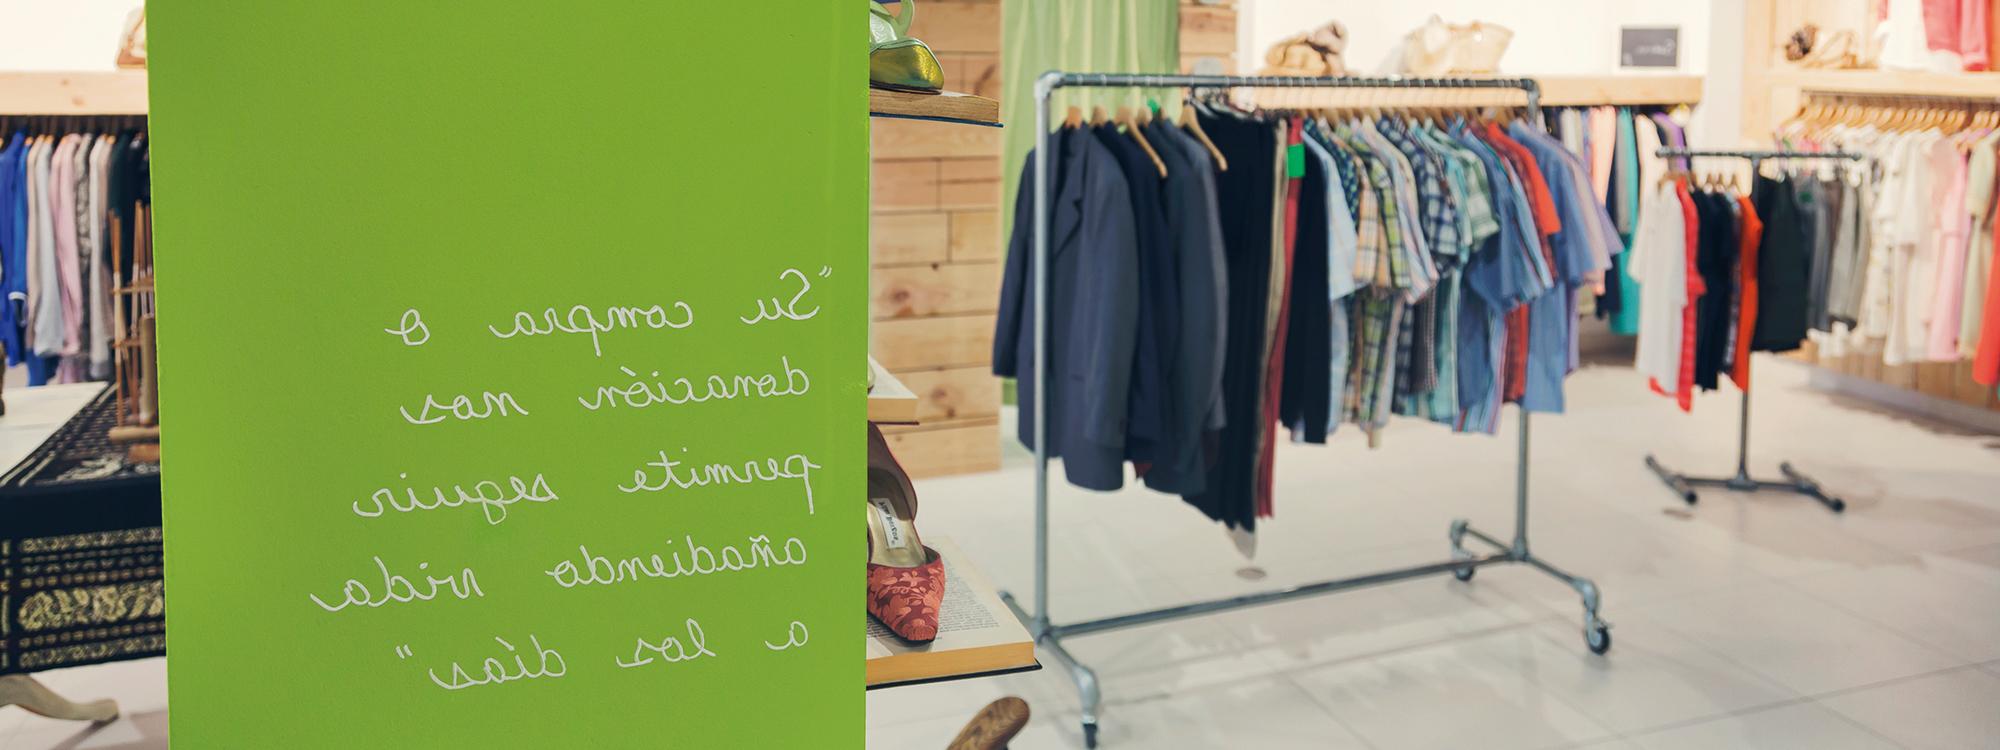 Tiendas De Muebles En Fuengirola Xtd6 Colabora Con Tiendas Benà Ficas Fundacià N Cudeca